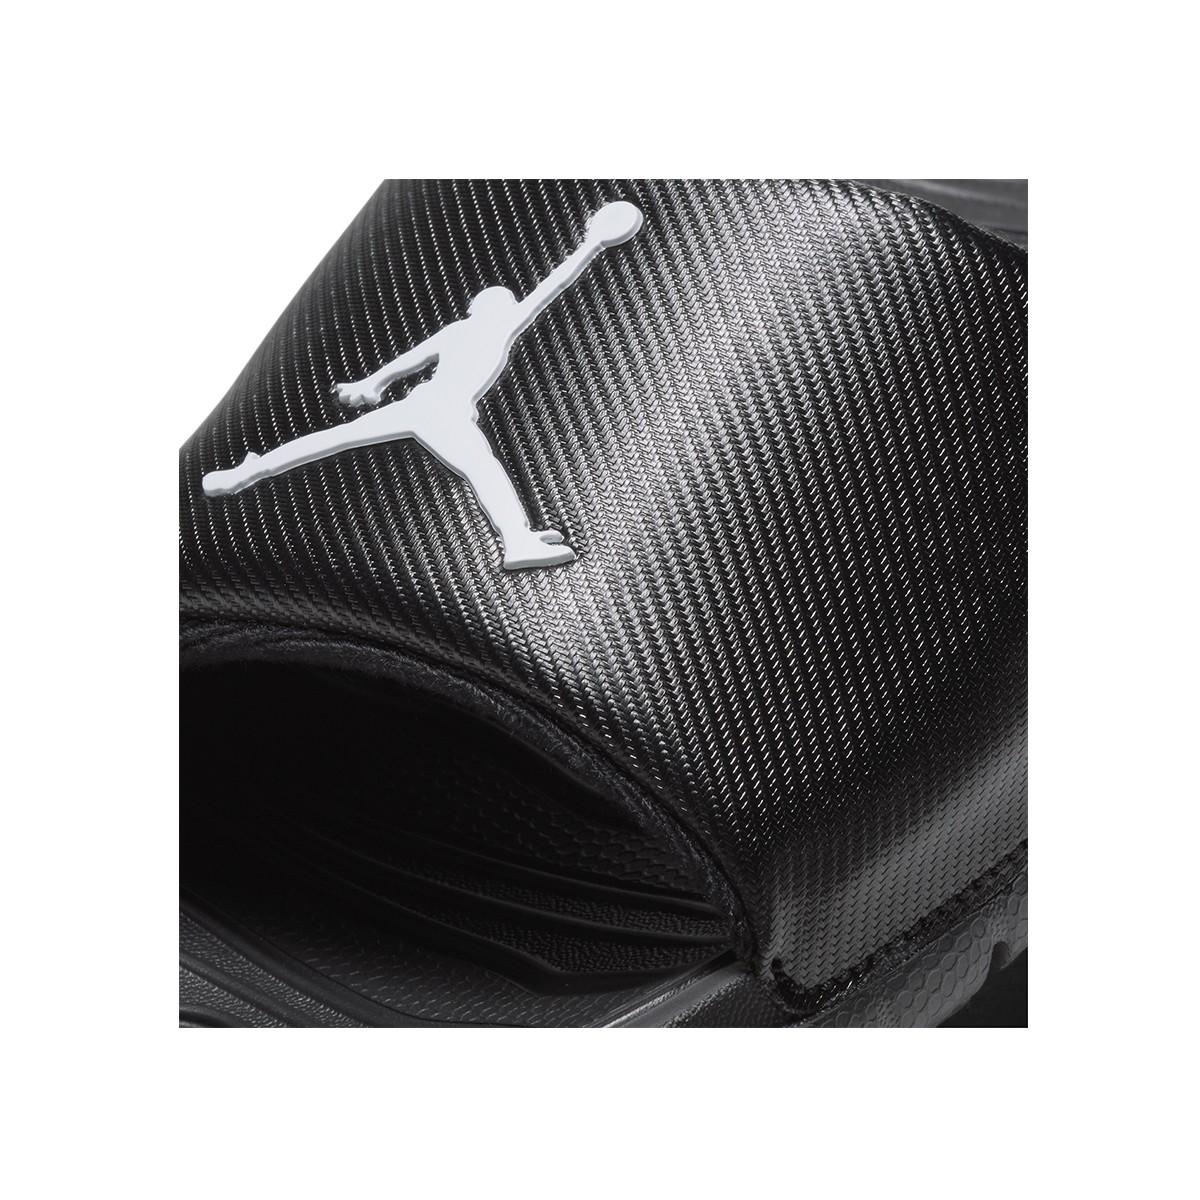 Jordan Break Slide 'Black'-AR6374-010